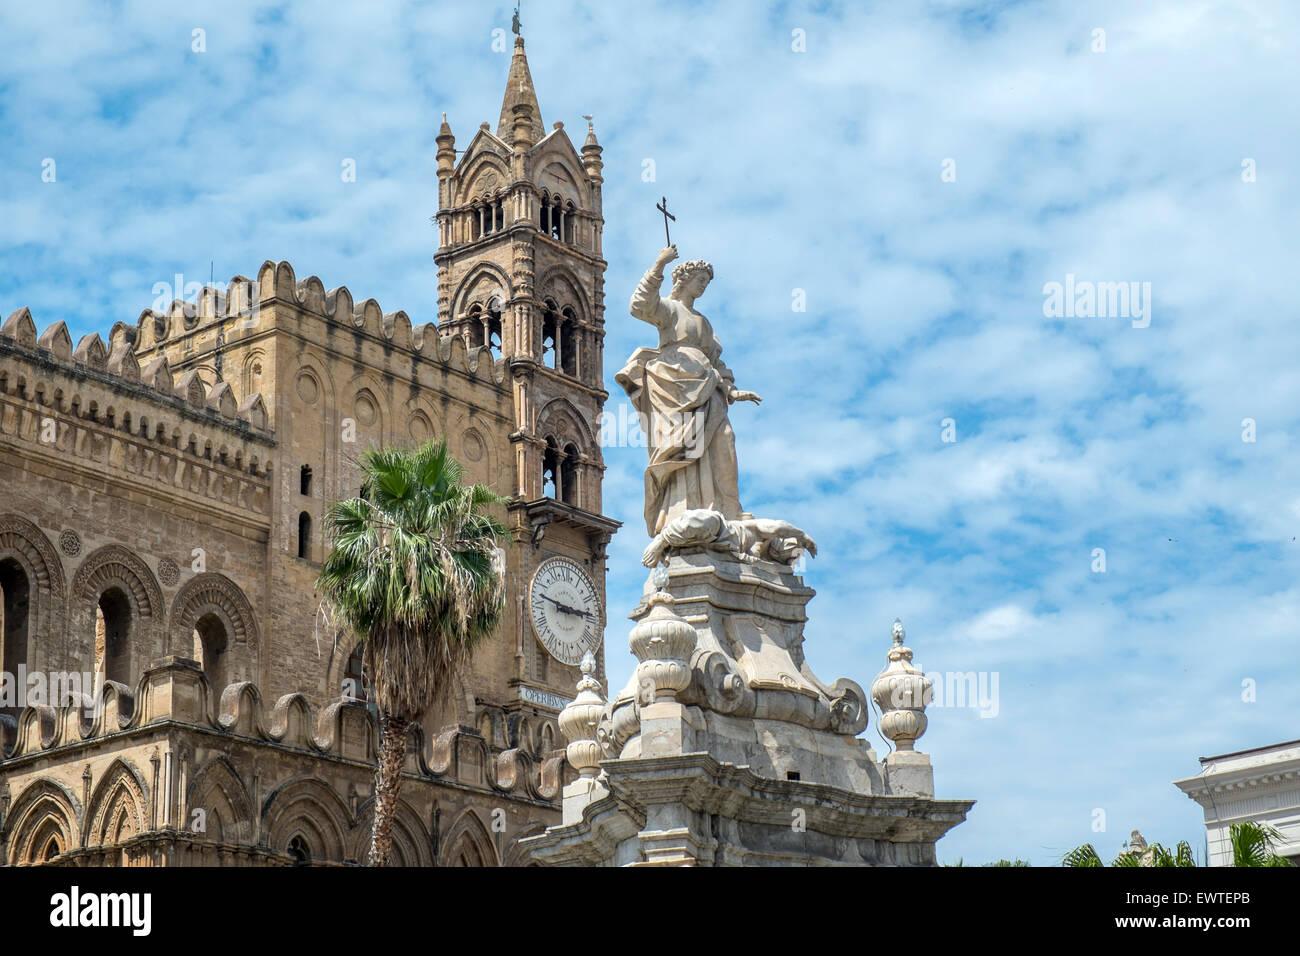 La cathédrale de Palerme, Sicile. Photo Stock